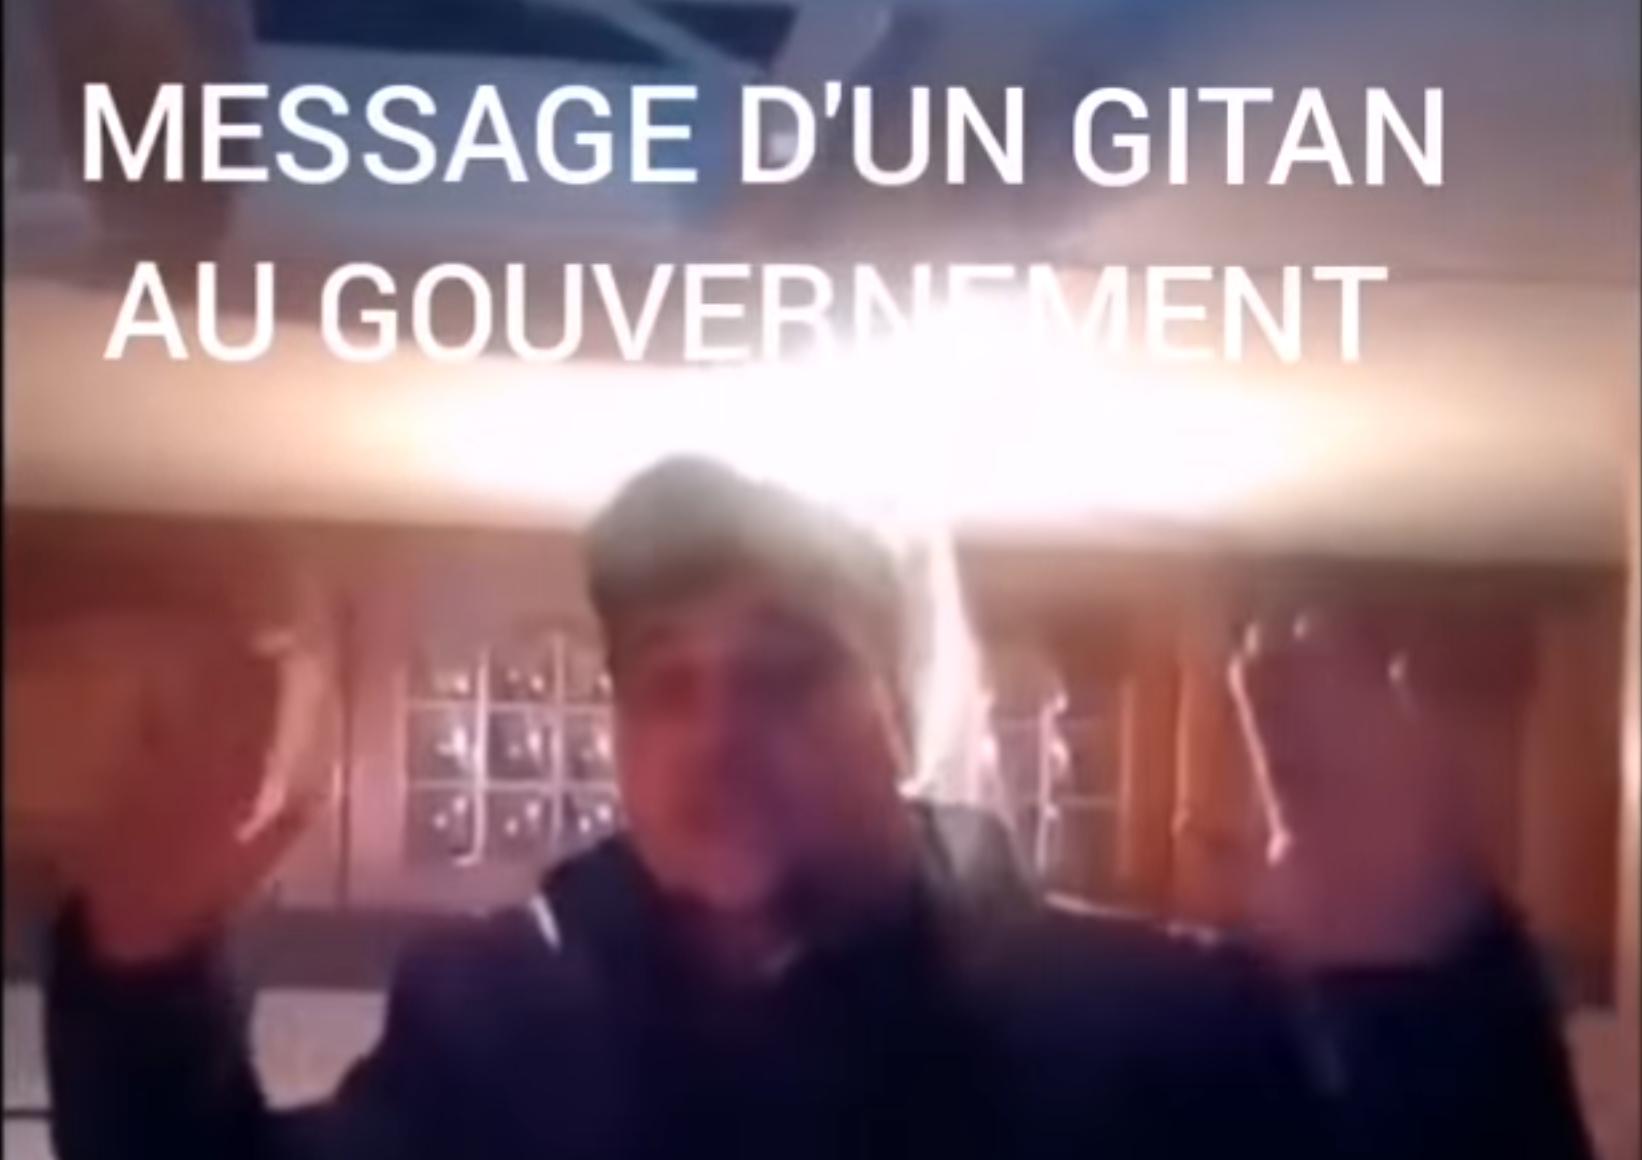 Suite à l'arrestation de la Christophe Dettinger, des Gitans menacent Emmanuel Macron (VIDÉOS)